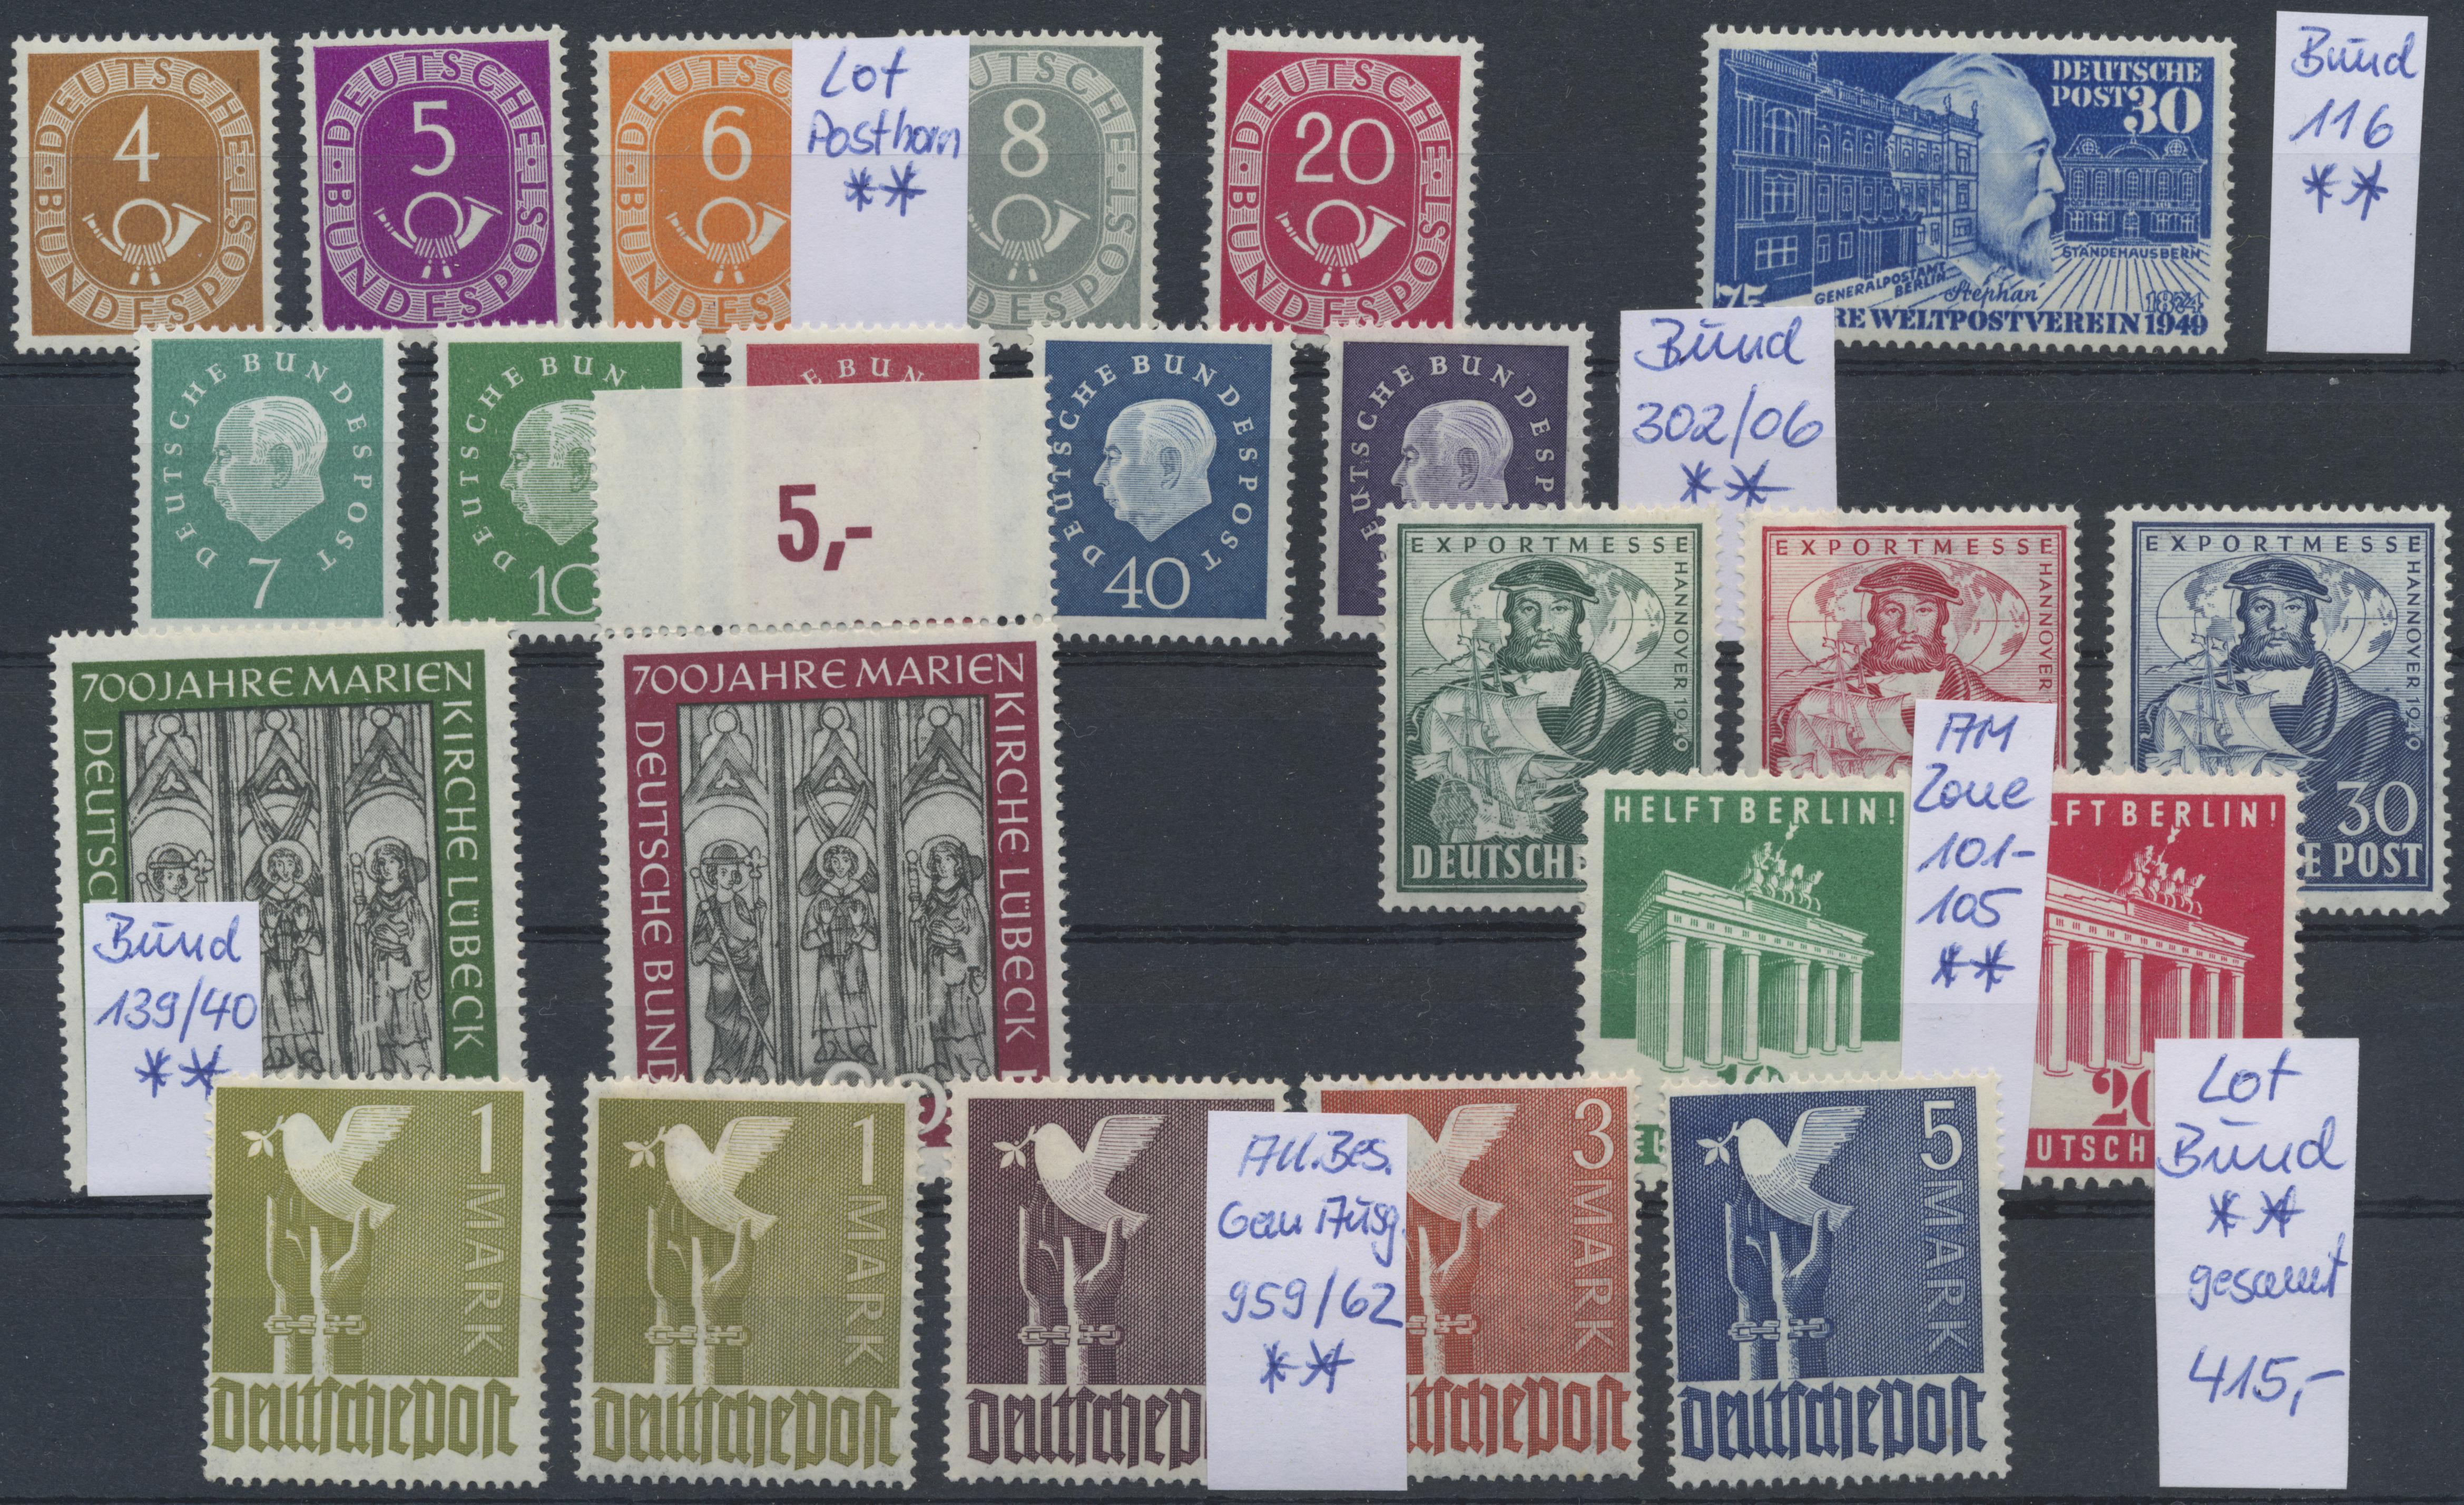 Lot 37562 - bundesrepublik deutschland  -  Auktionshaus Christoph Gärtner GmbH & Co. KG Sale #44 Collections Germany